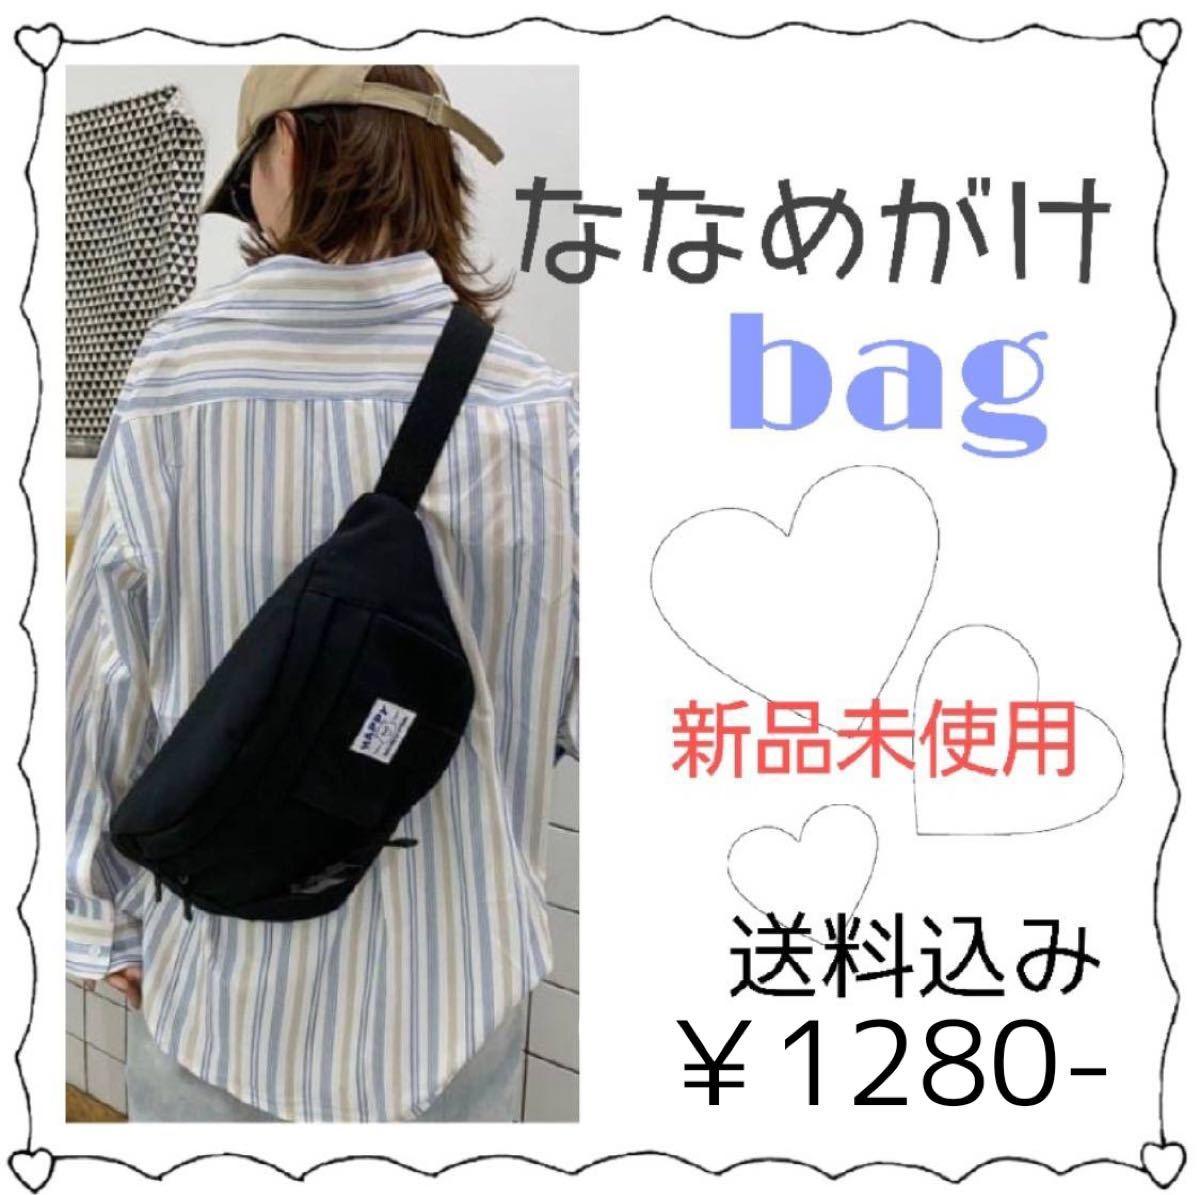 ワンショルダー ボディバッグ ショルダーバッグ 斜めがけバッグ ウエストバッグ メッセンジャーバッグ 黒 大容量 男女兼用